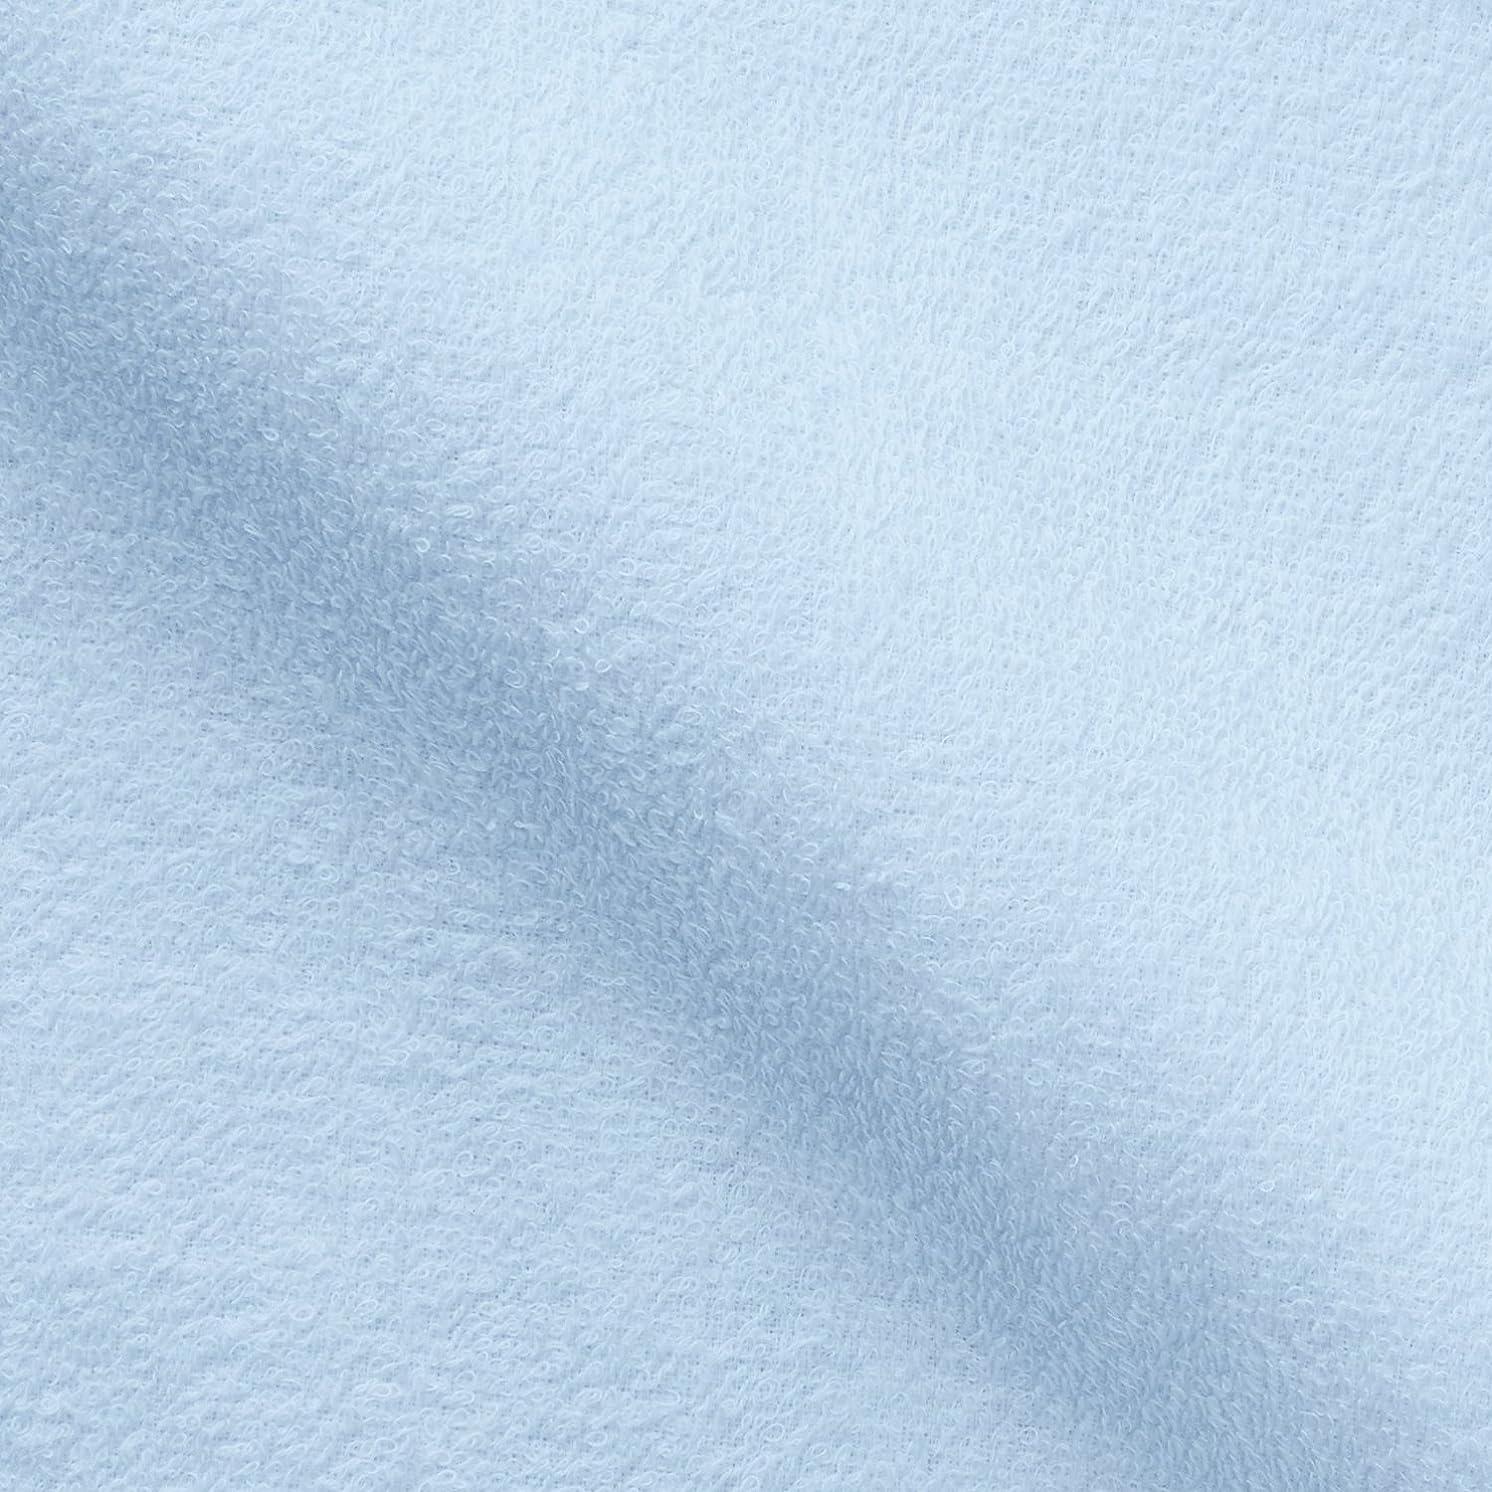 町でる合併キヨタ 抗菌介護タオル(フェイスタオル12枚入) ブルー 34×84cm